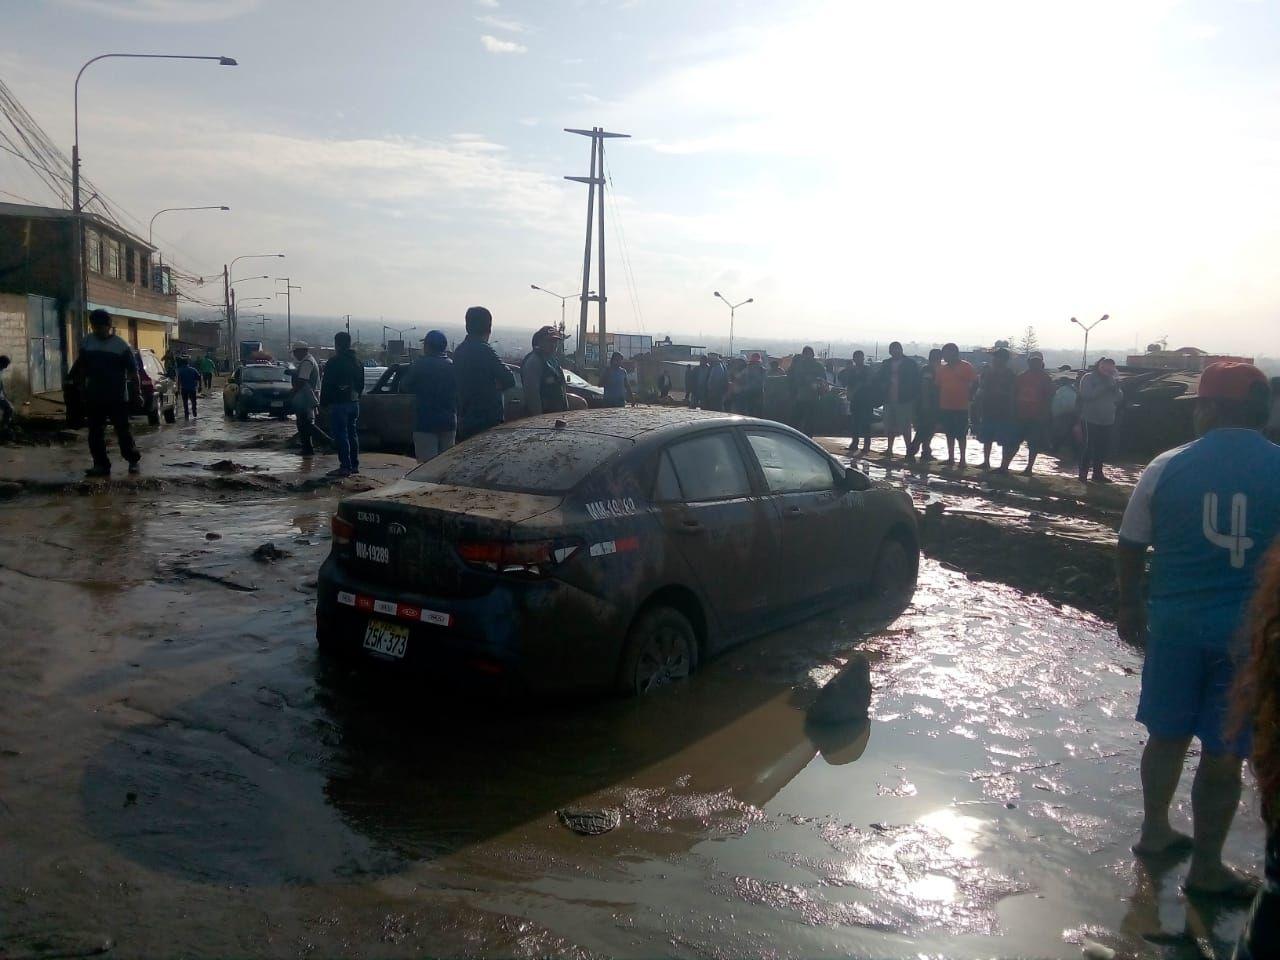 Las fuertes lluvias que cayeron en Tacna activaron las quebradas Karamolle y El Diablo, afectando viviendas y vías de comunicación.